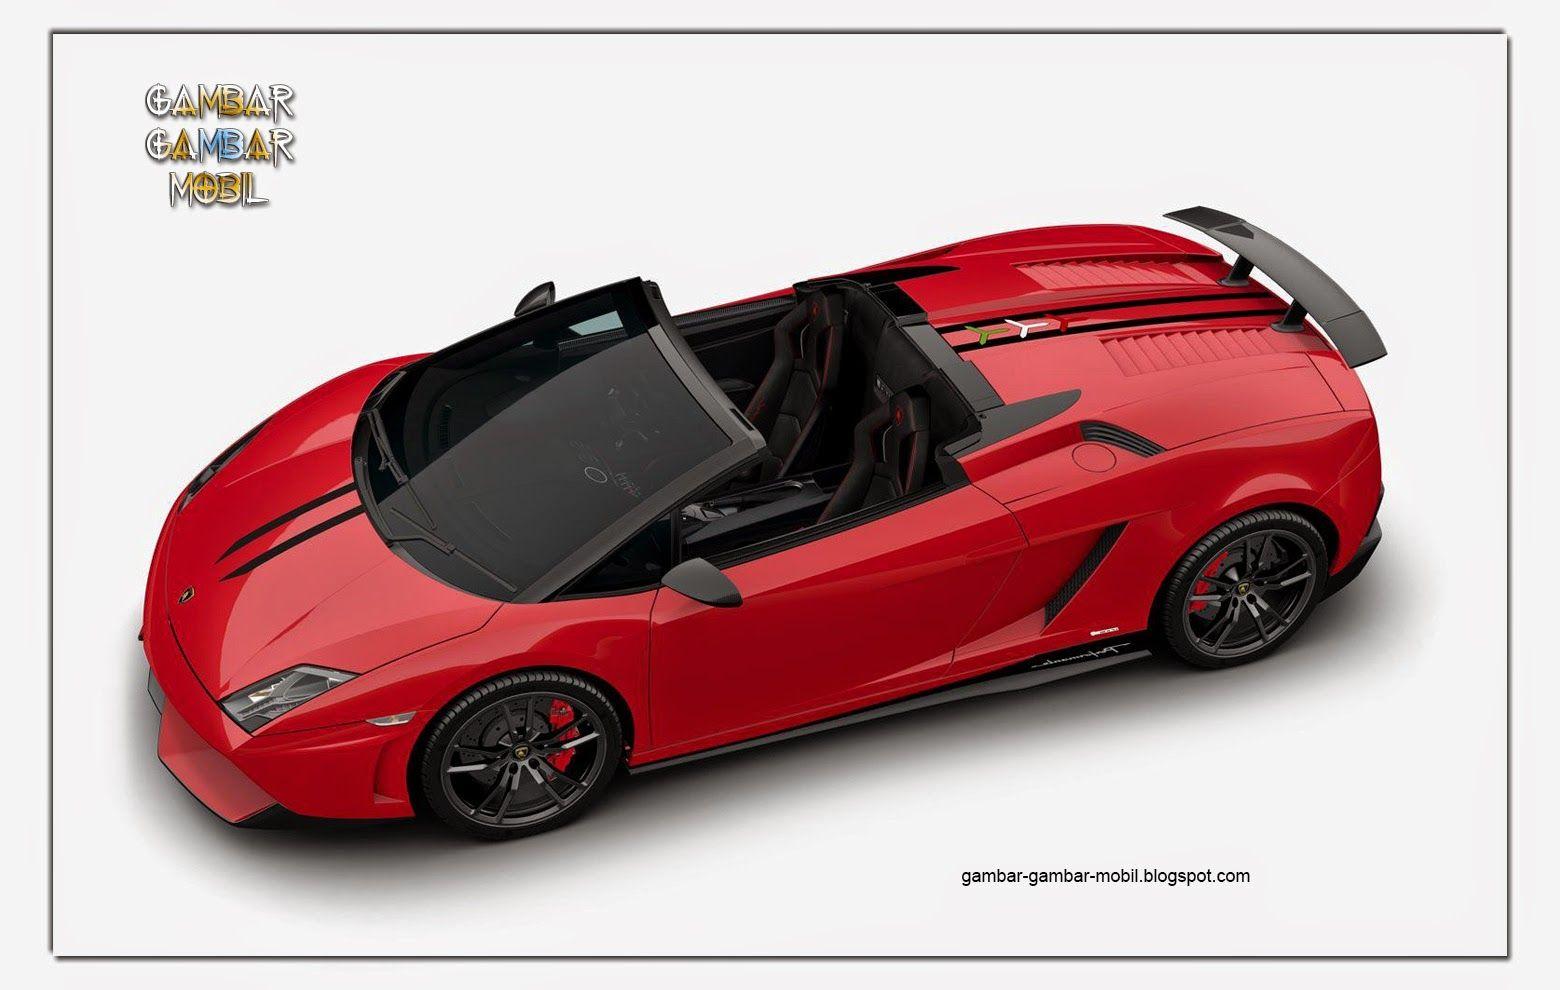 Gambar Mobil Balap Galardo Gambar Gambar Mobil Lamborghini Gallardo Mobil Balap Mobil